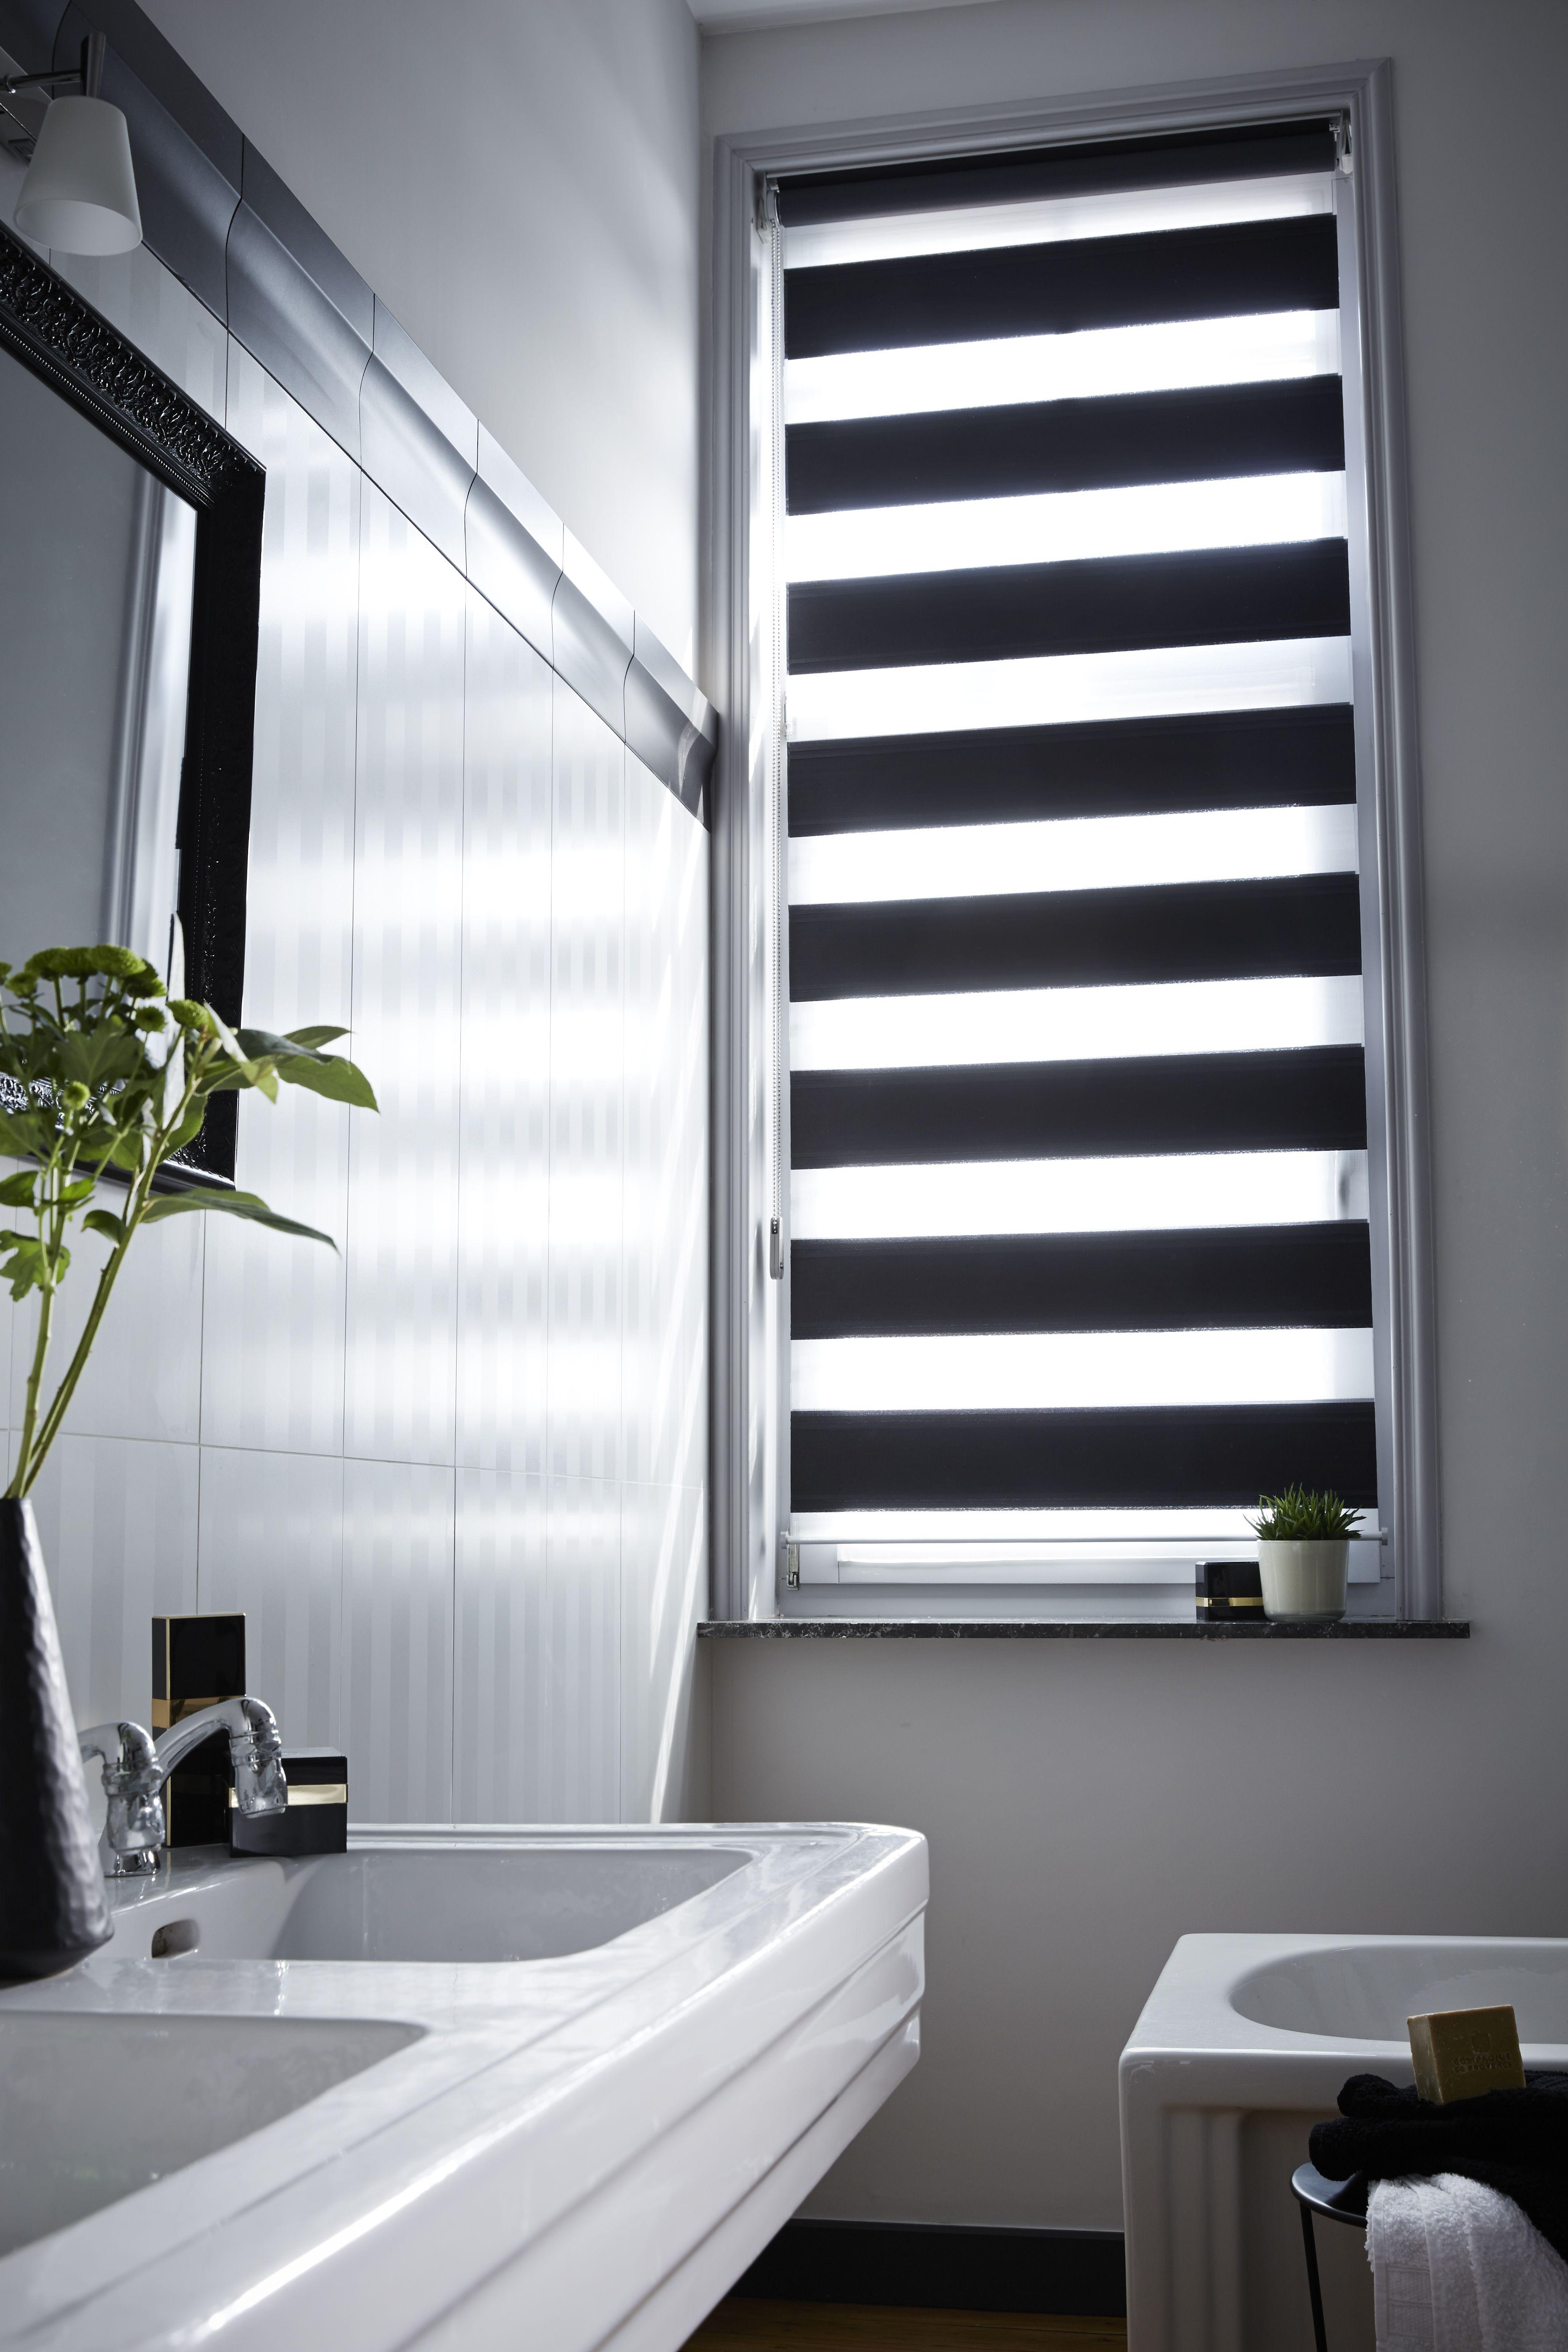 heytens cortinas estores persianas cortinas tratamientos de la ventana